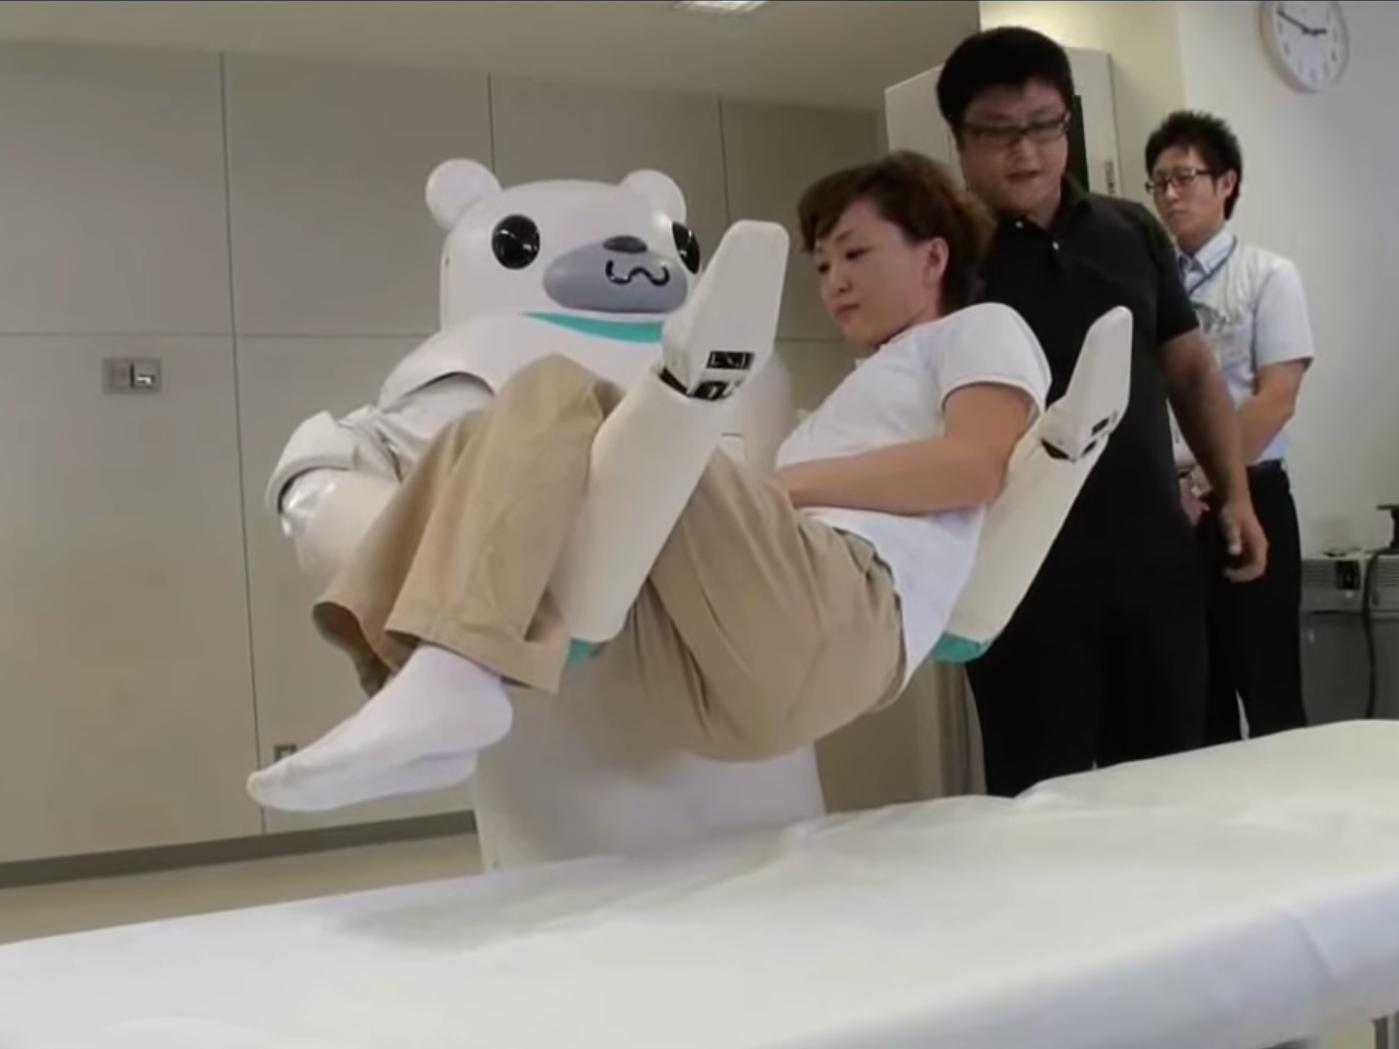 نقل ذوي الاحتياجات الخاصة والمسنين من السرير إلى الحمام إحدى أكثر المهام إلحاحاً التي تبرع فيها روبوتات تويوتا الذكية